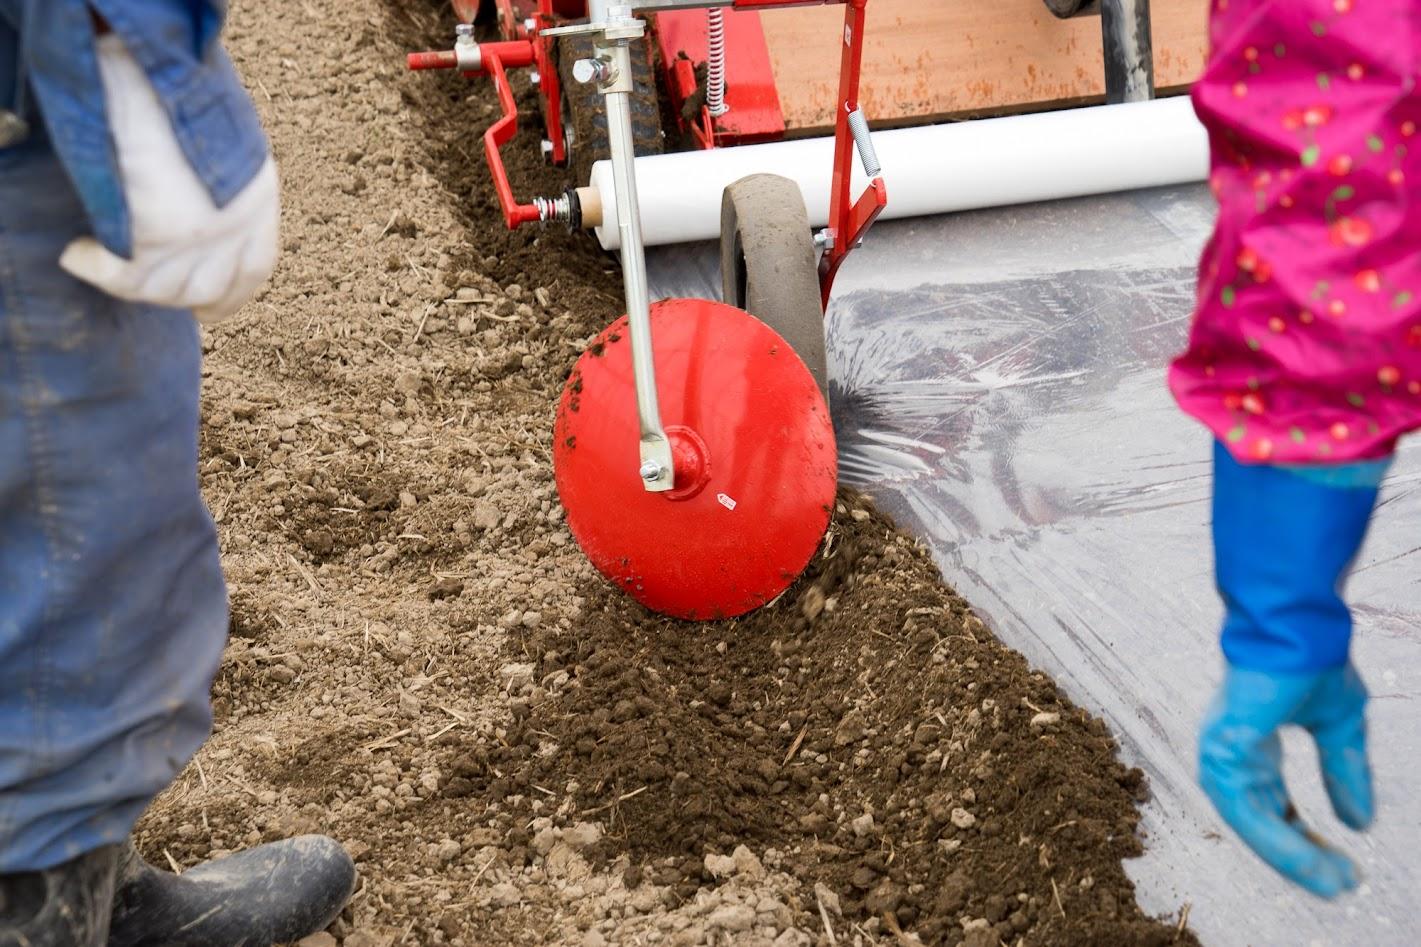 タイヤでマルチを押さえてディスクで土を盛ります